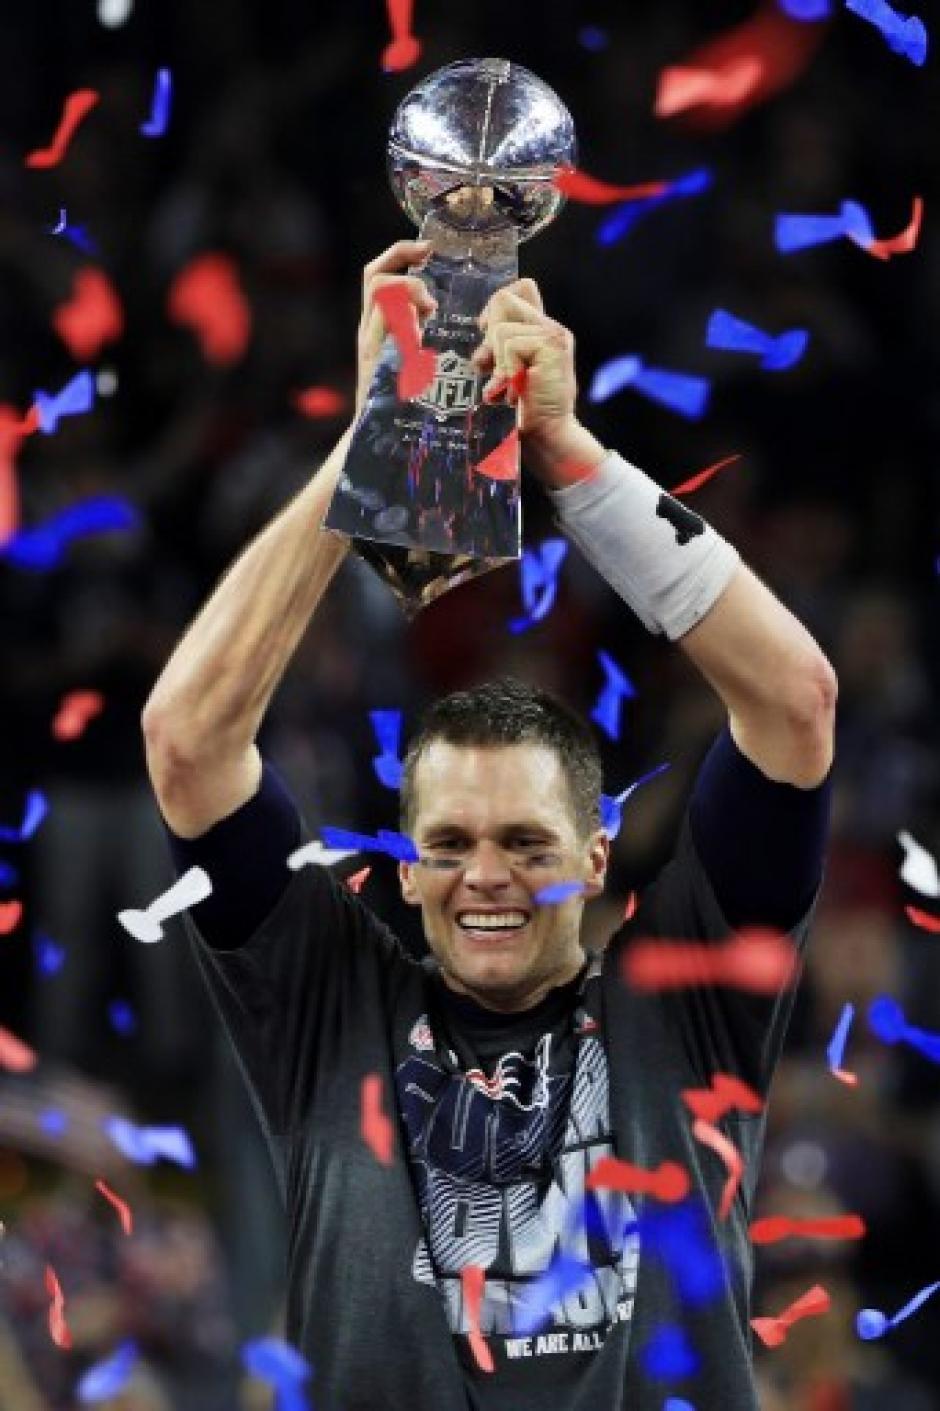 Brady celebró el campeonato conseguido con los Patriotas. (Foto: AFP)